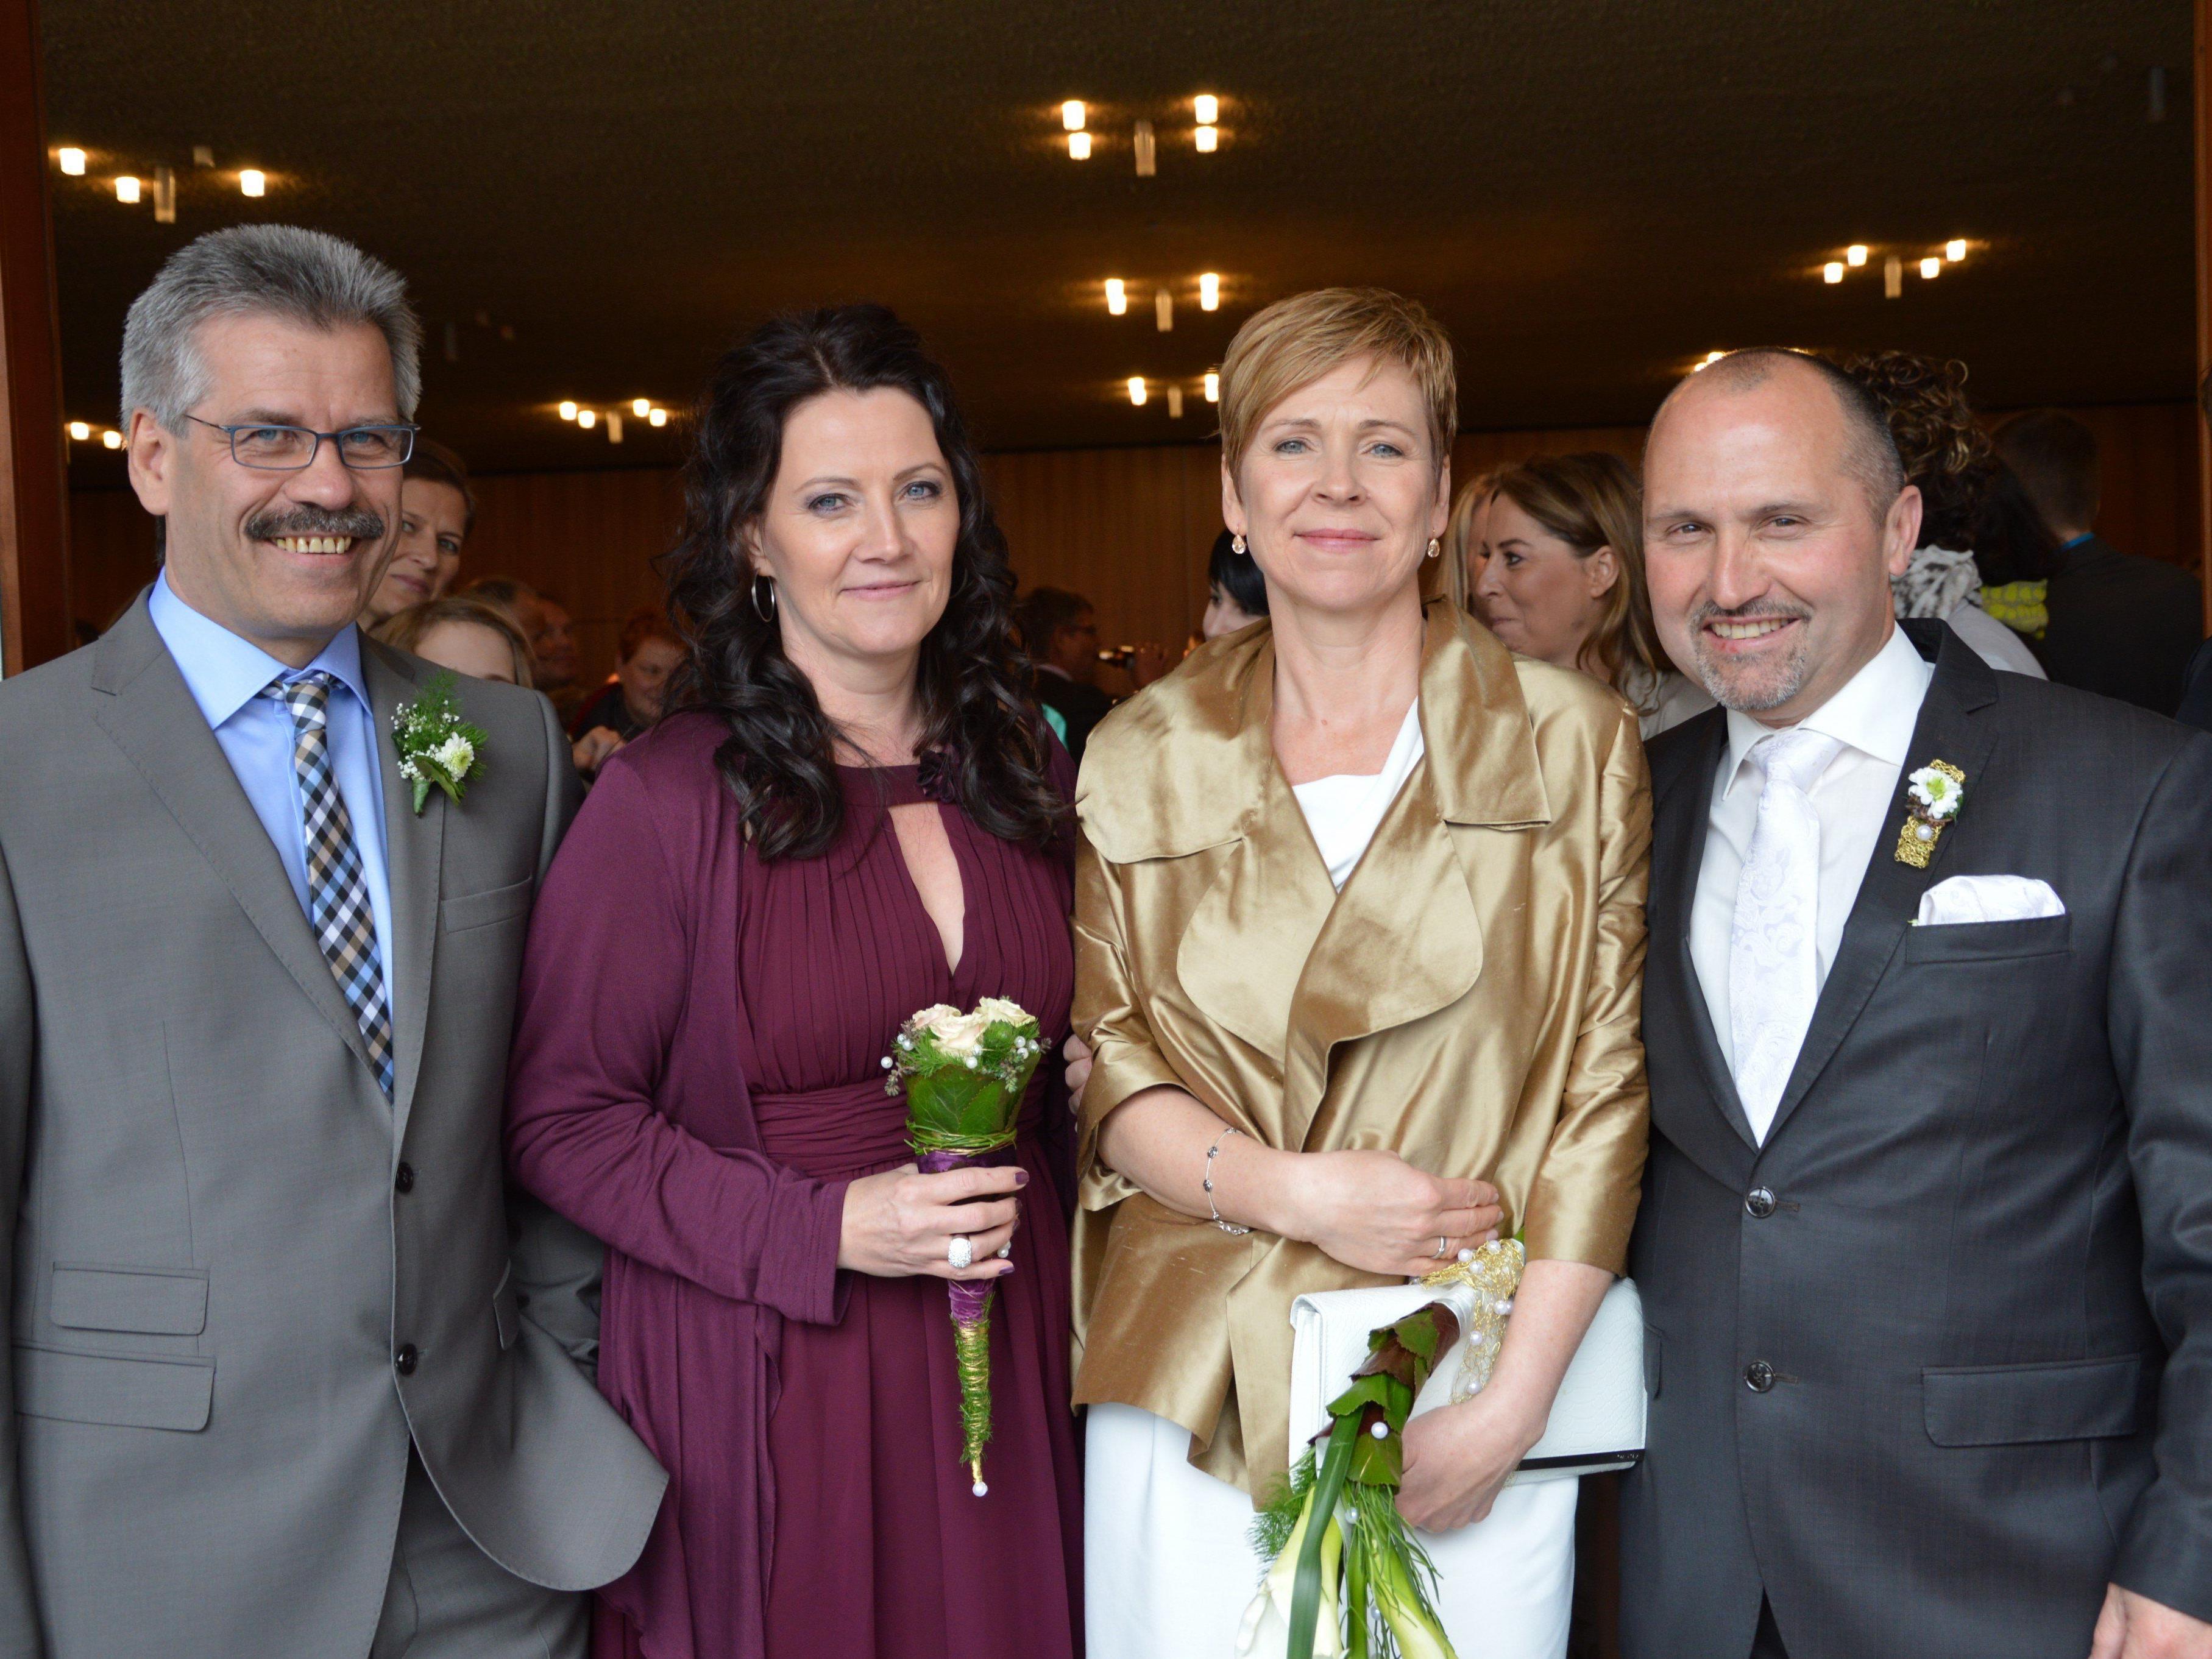 Beate Winsauer und Andreas Dorner haben geheiratet